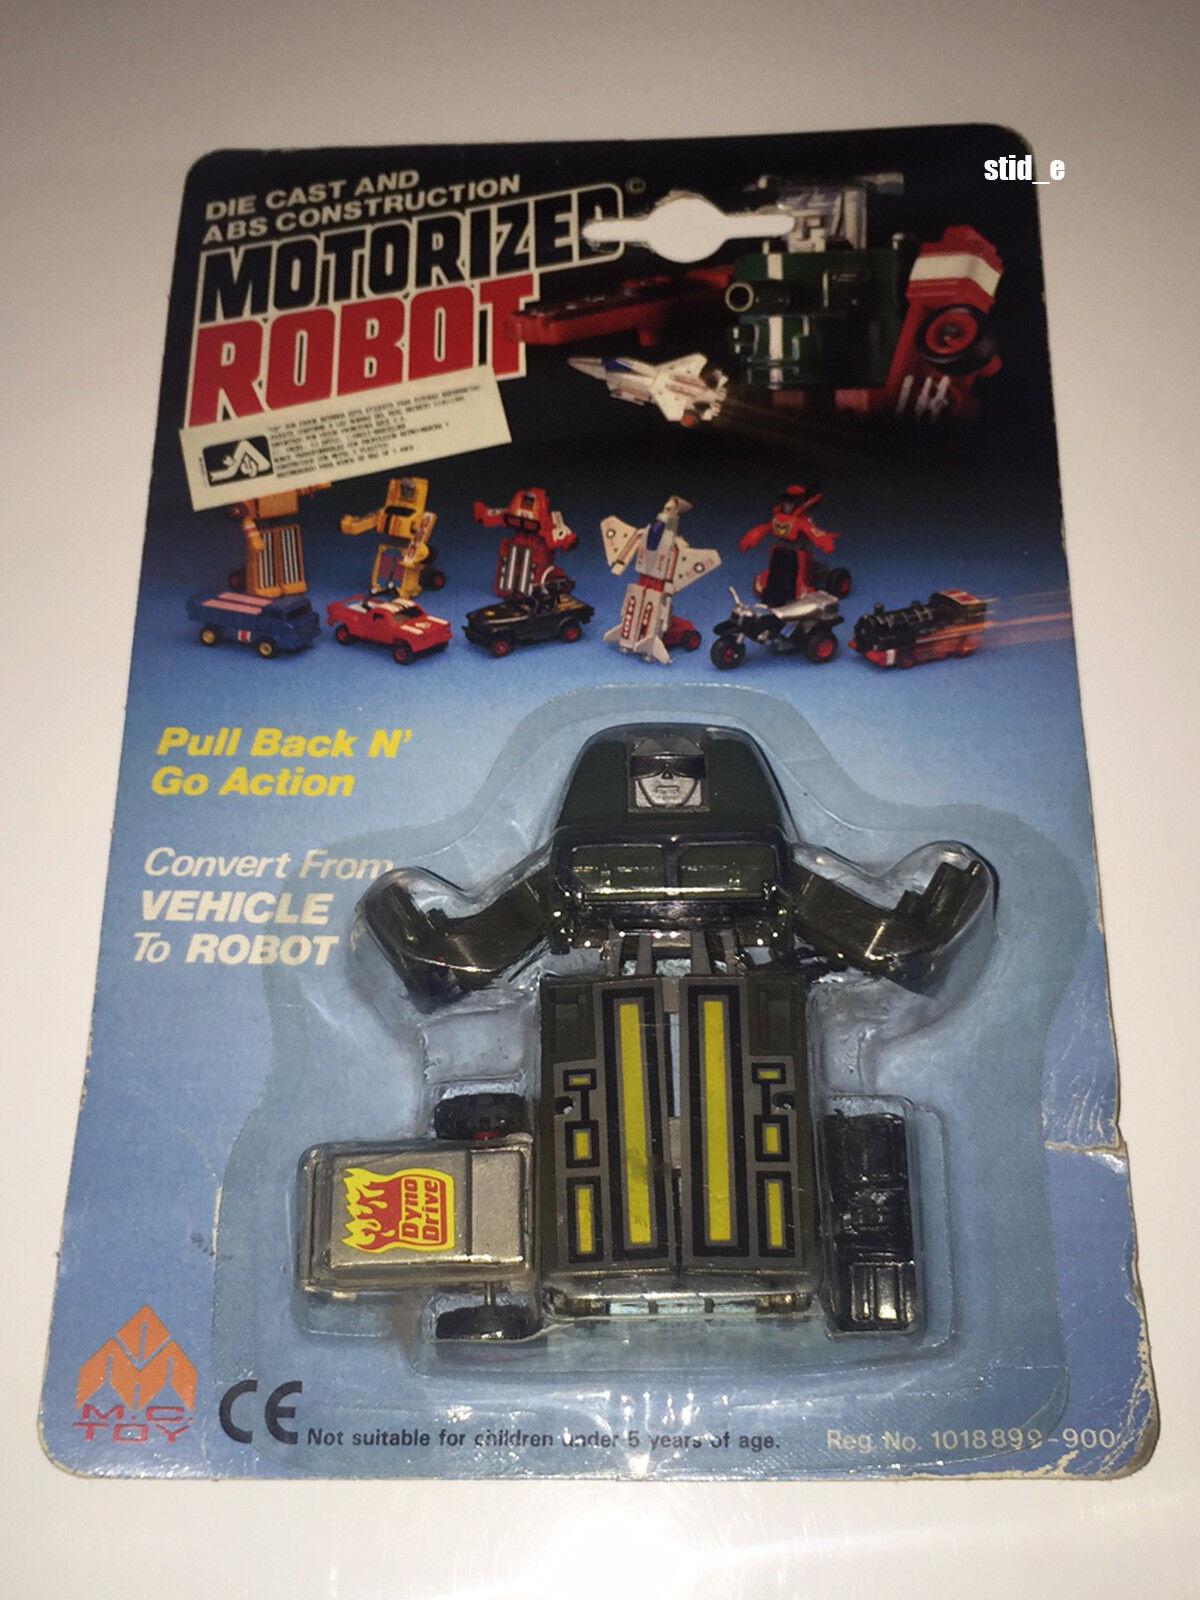 Motorized Robot   véhicule militaire   MC TOY'80    nouveau Comme neuf on voitured   DYNABOT motobot Vintage  sortie en ligne